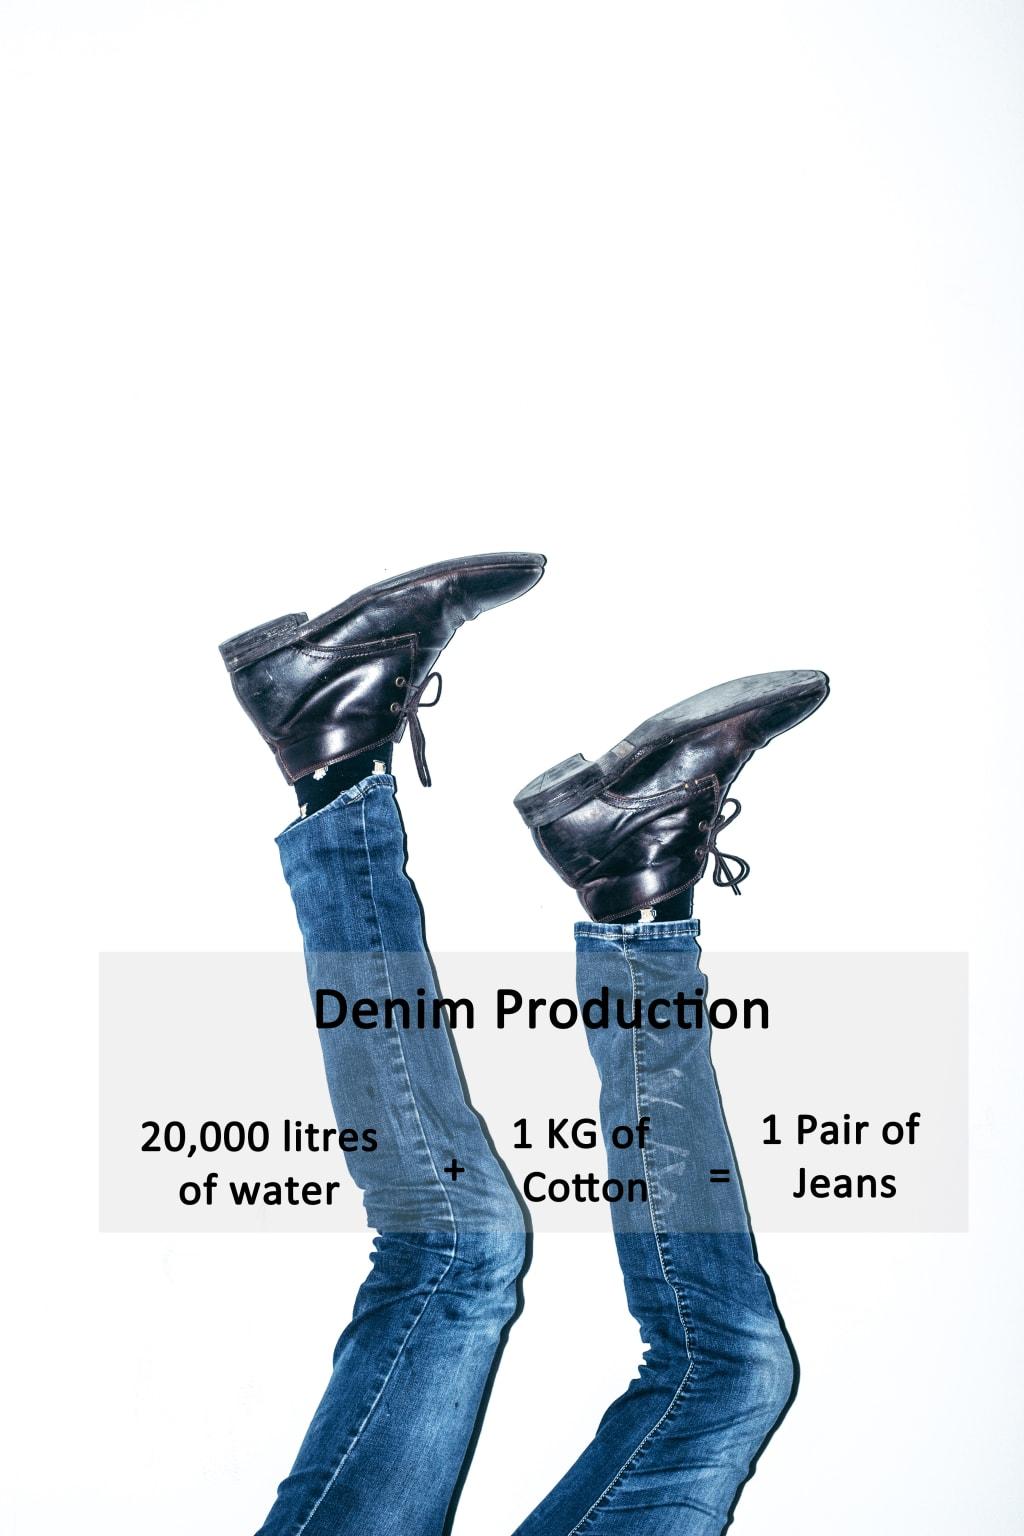 Where to Buy Sustainable... Denim?